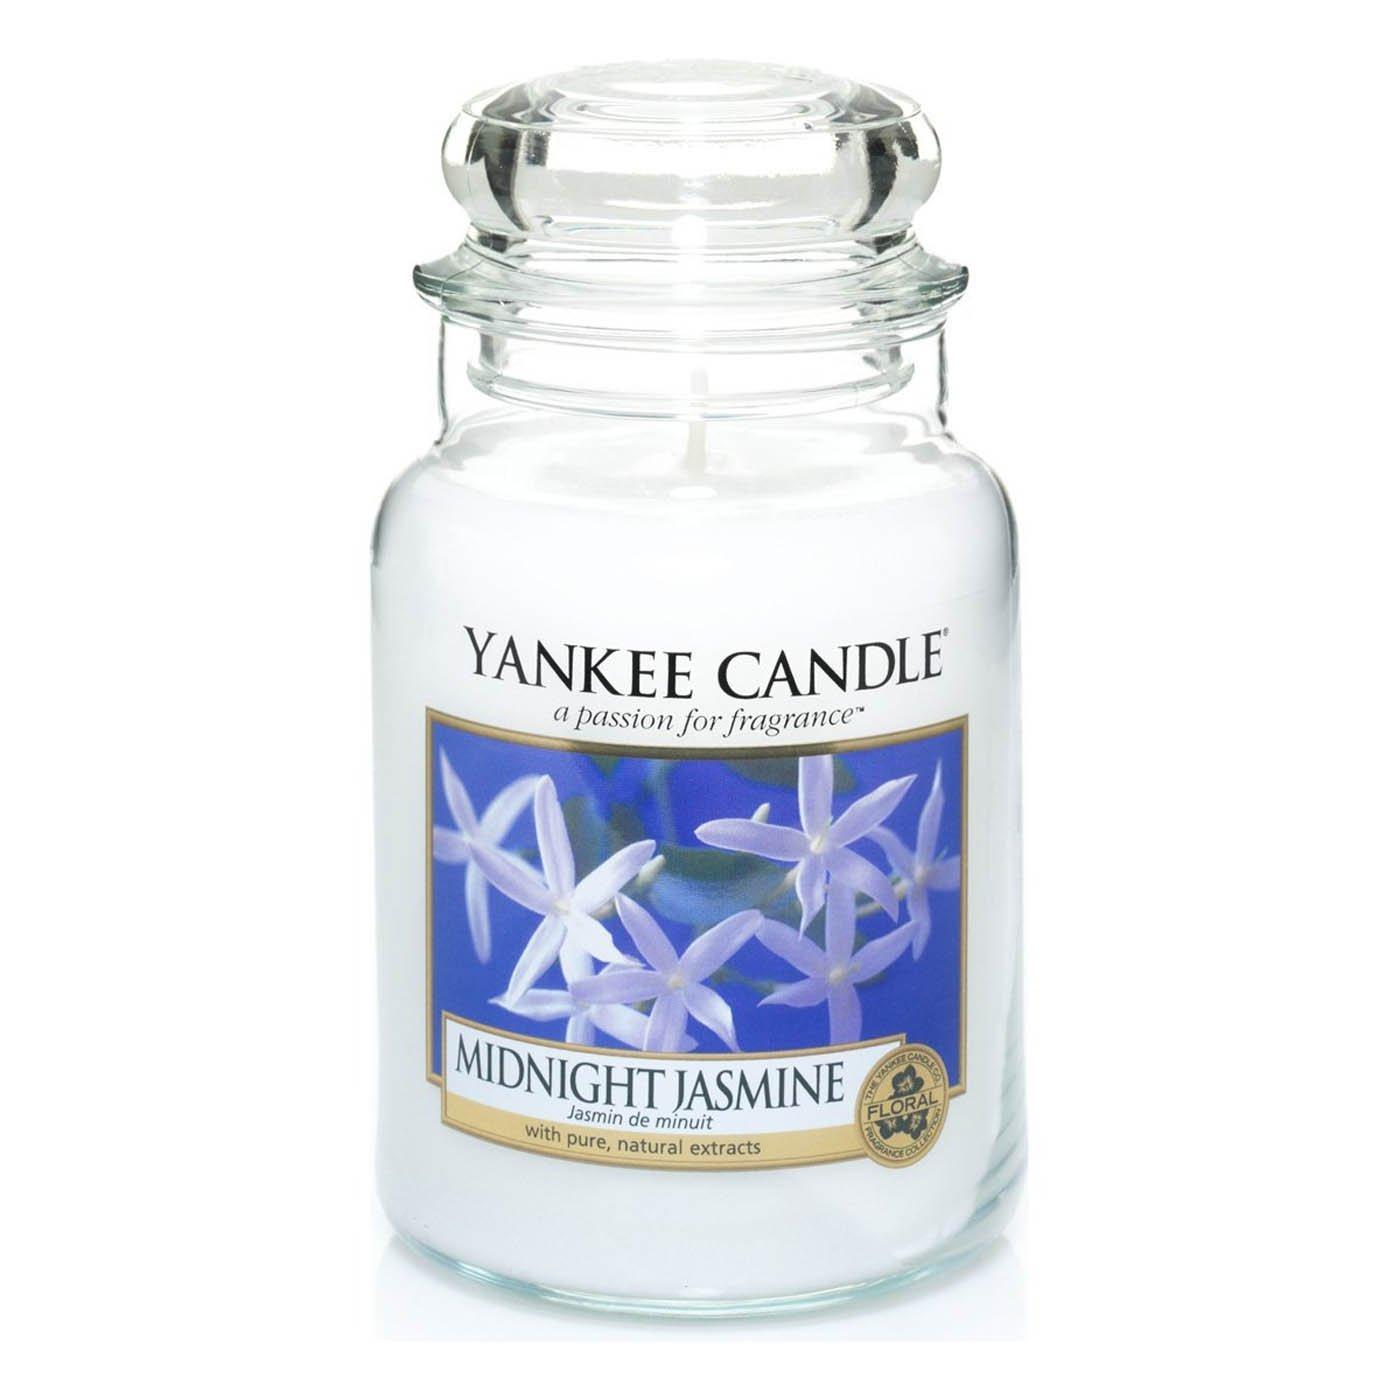 Offizielle Offizielle Offizielle Yankee Candle Midnight Jasmine mit klassischer Unterschrift, Glas 623 g – sicherer Versand-Box a2b028